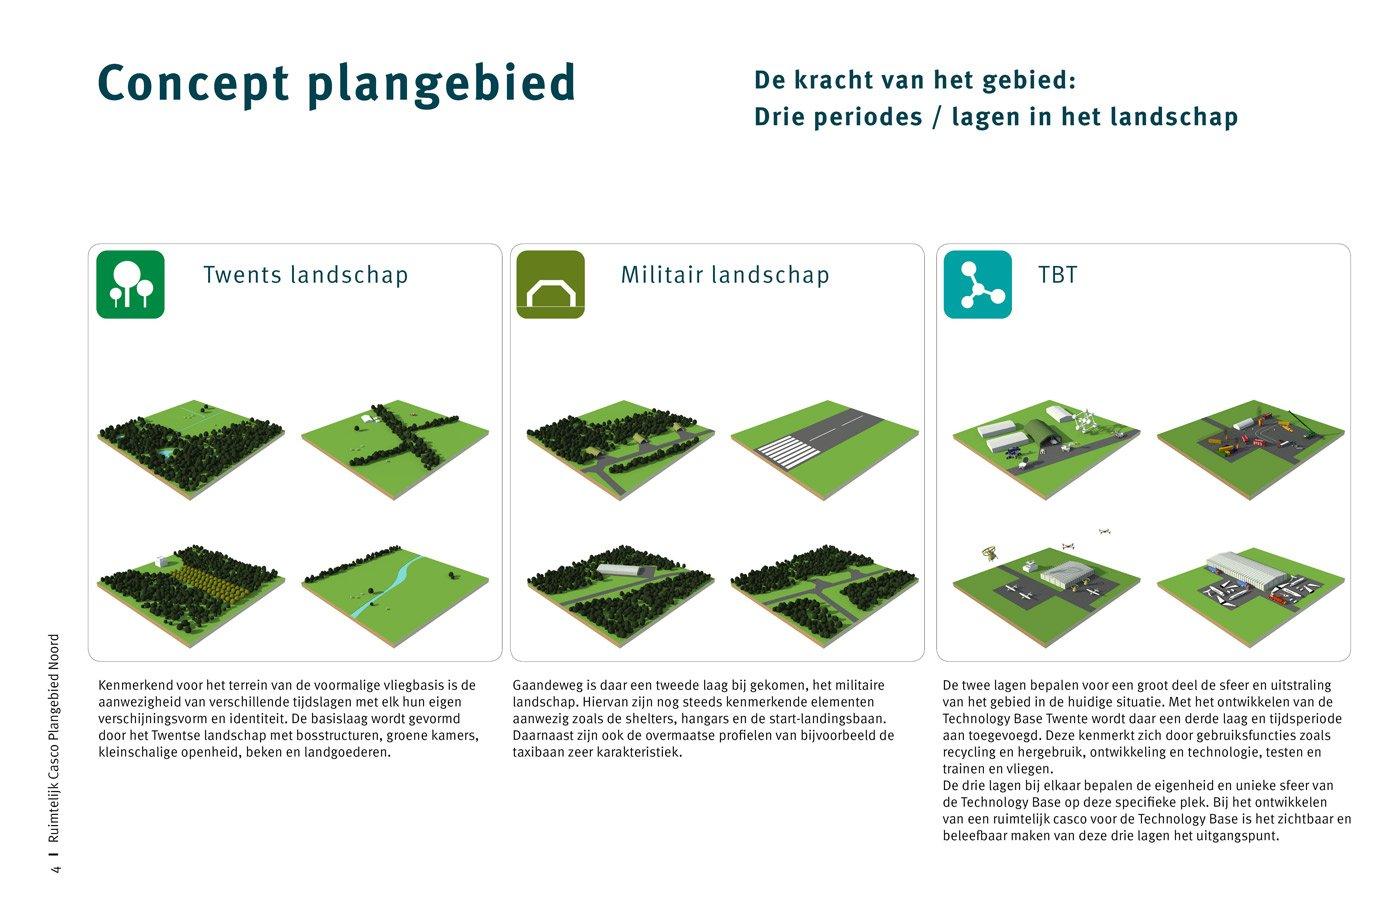 concept plangebied